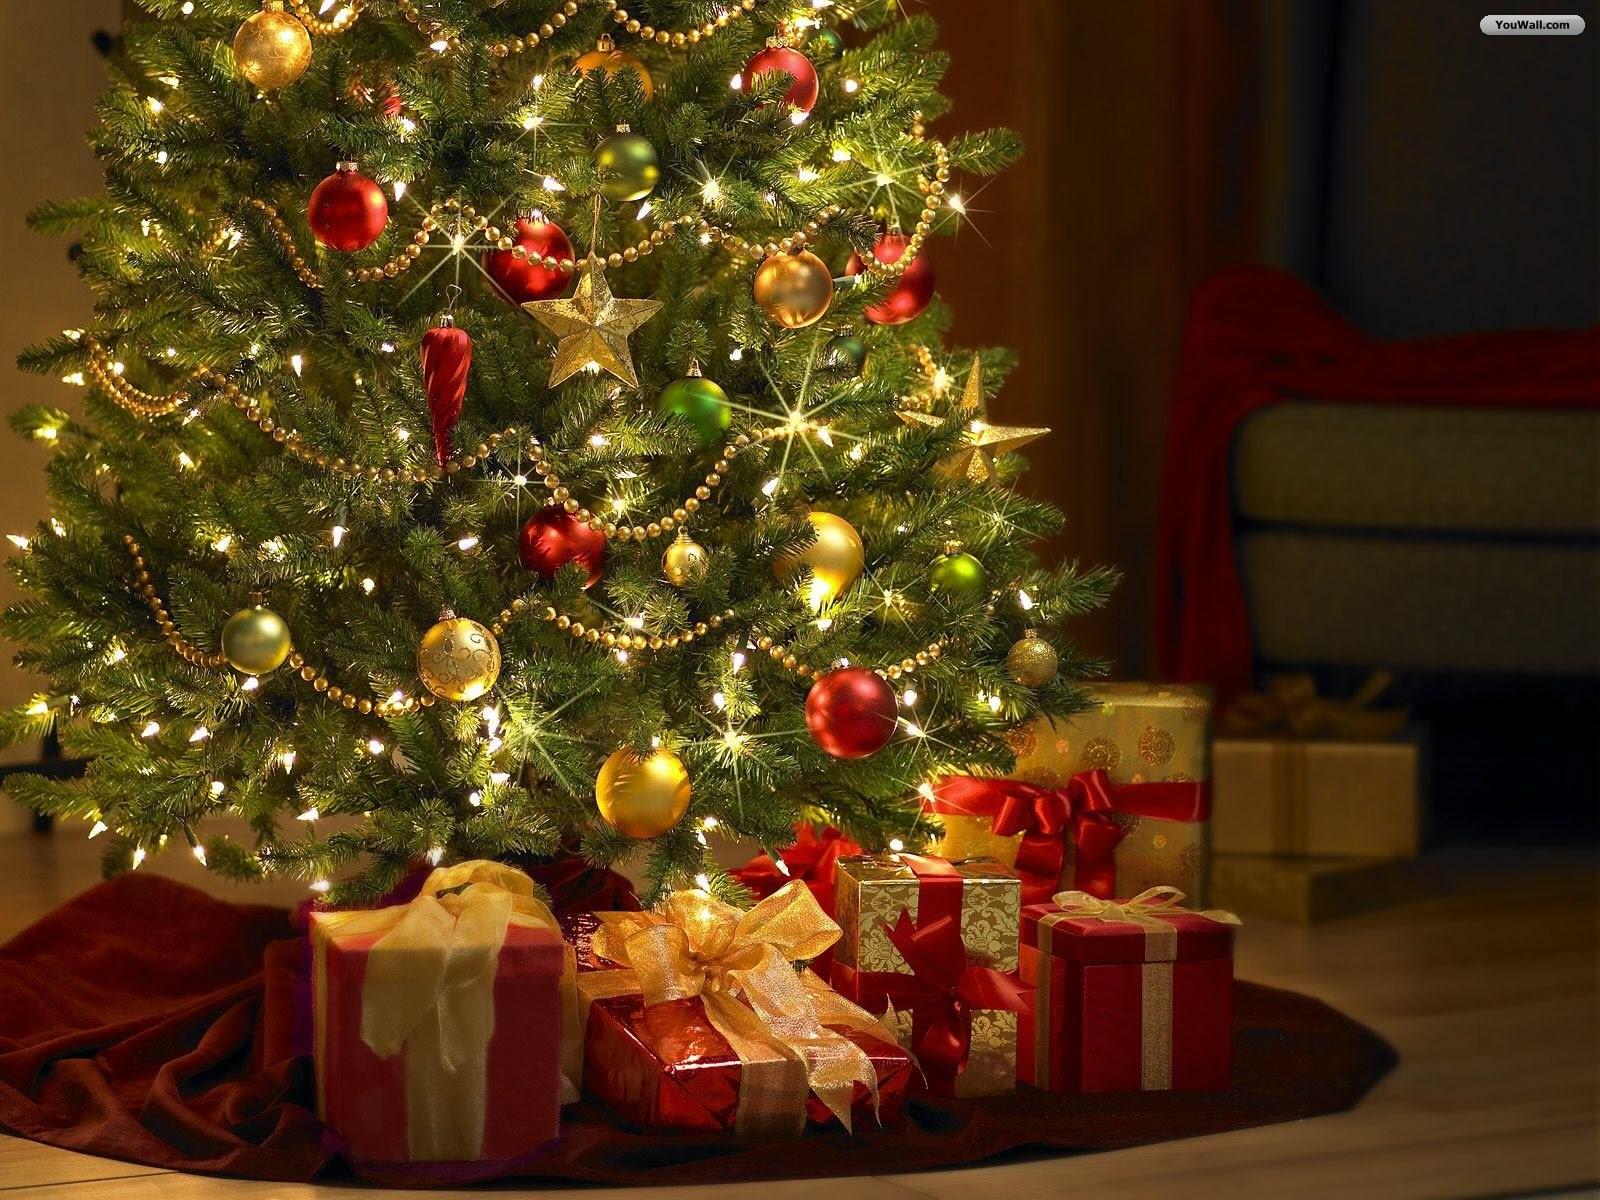 Sfondi Gratis Natalizi.Sfondi Albero Di Natale Addobbi Natalizi Vacanza Albero